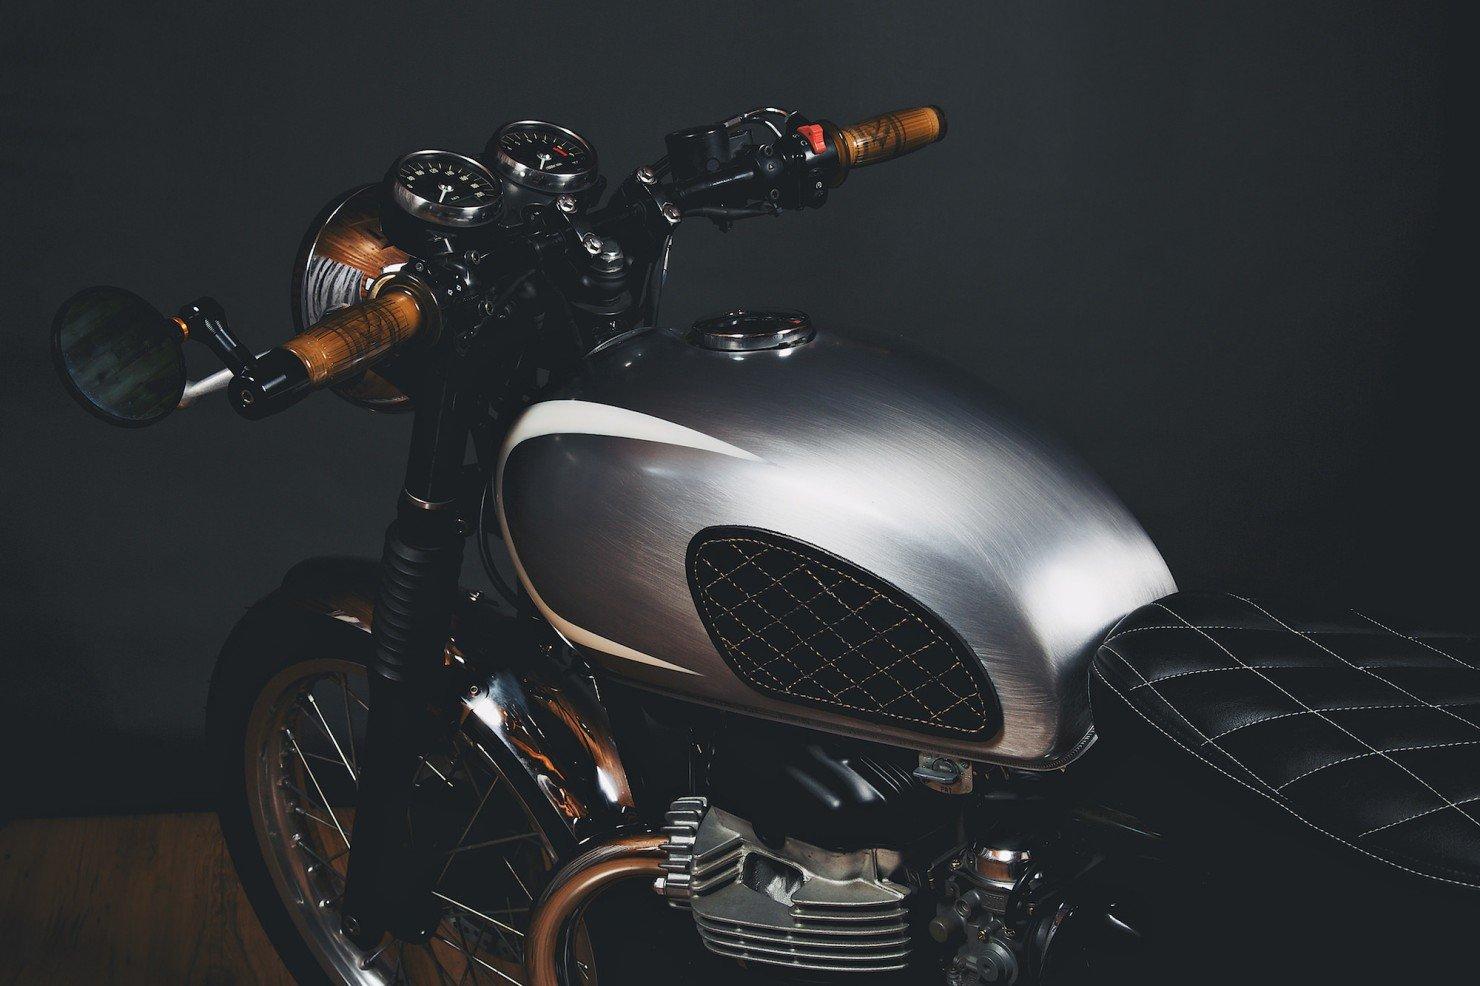 Kawasaki_W650_Motorcycle_3